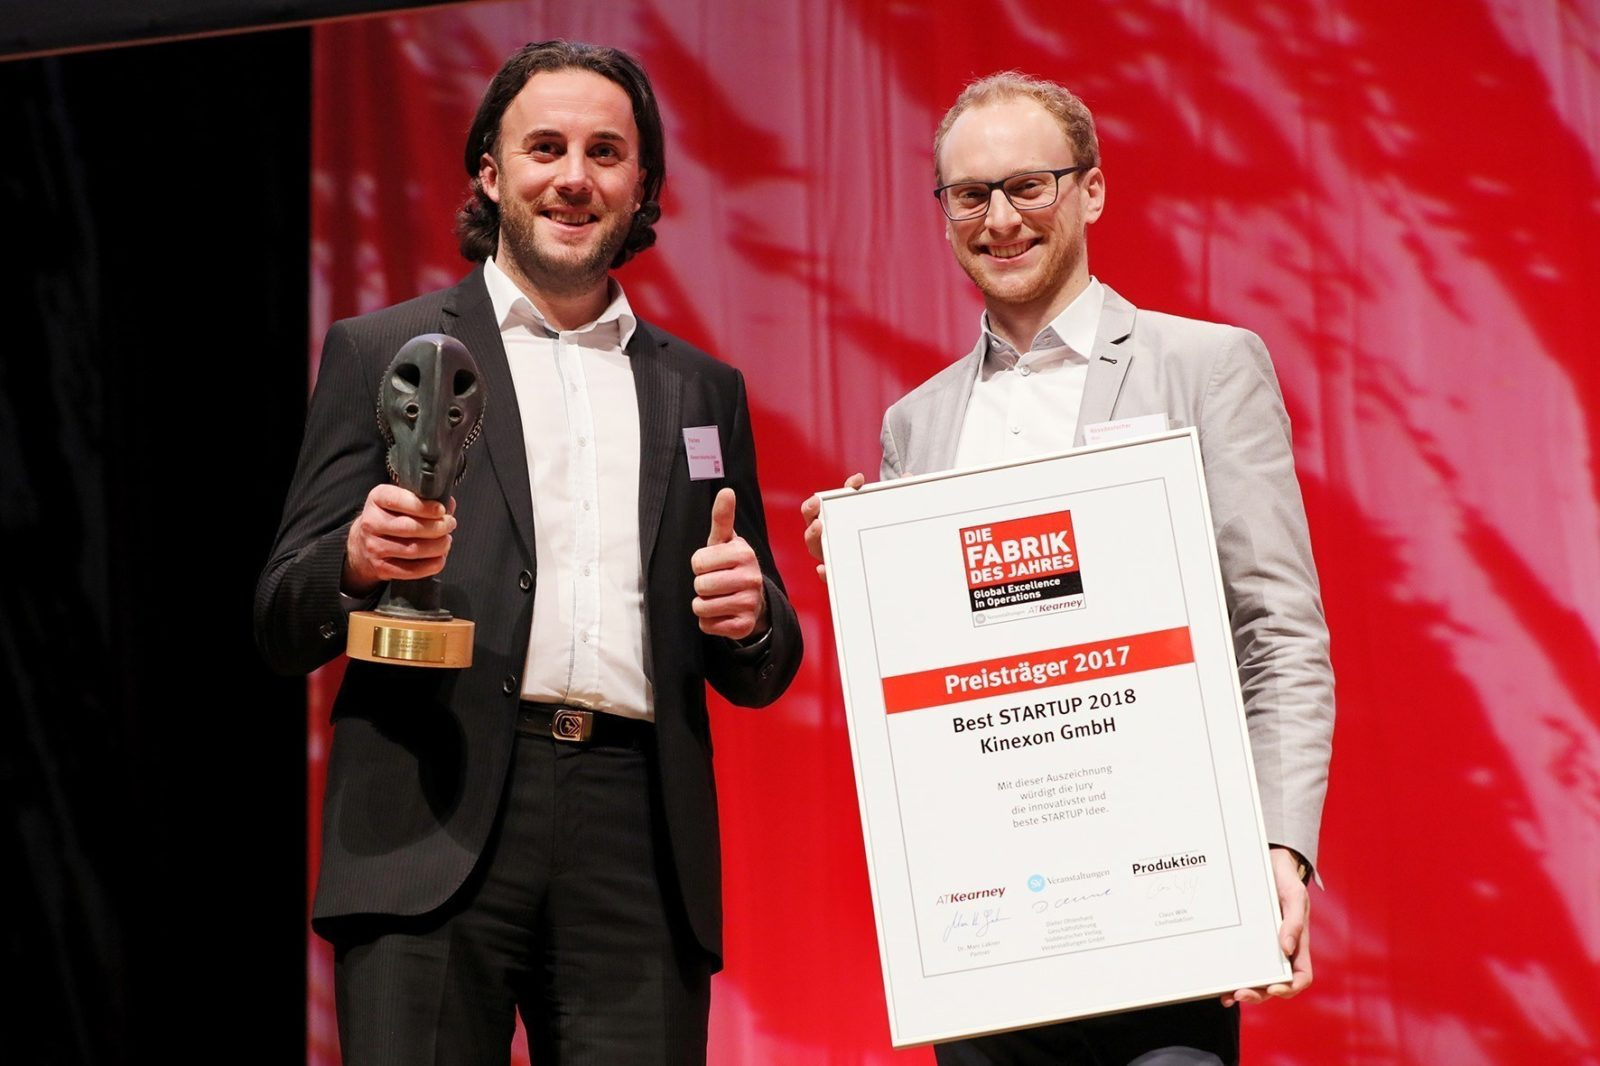 Best Startup Award 2018 1